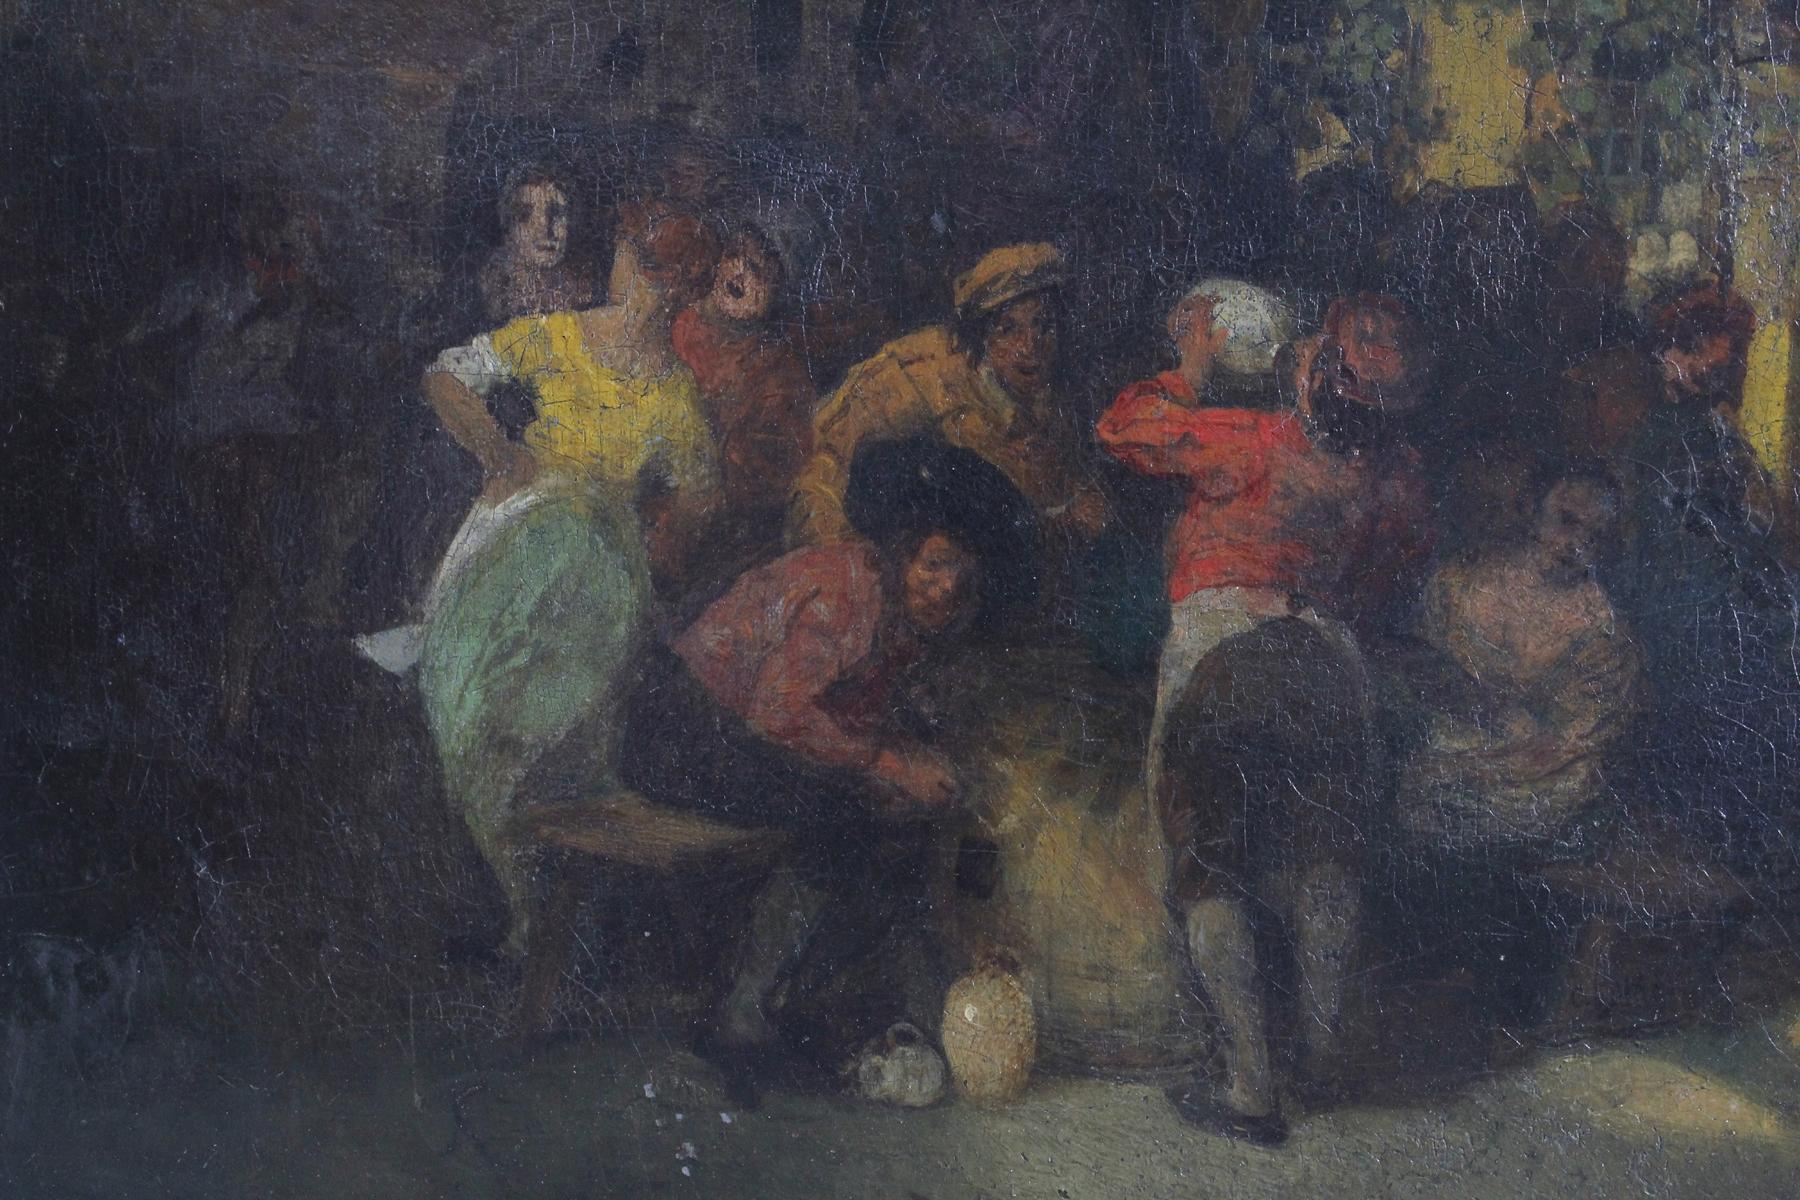 Unbekannter Künstler aus dem 18. Jh., Trinkgelage-2